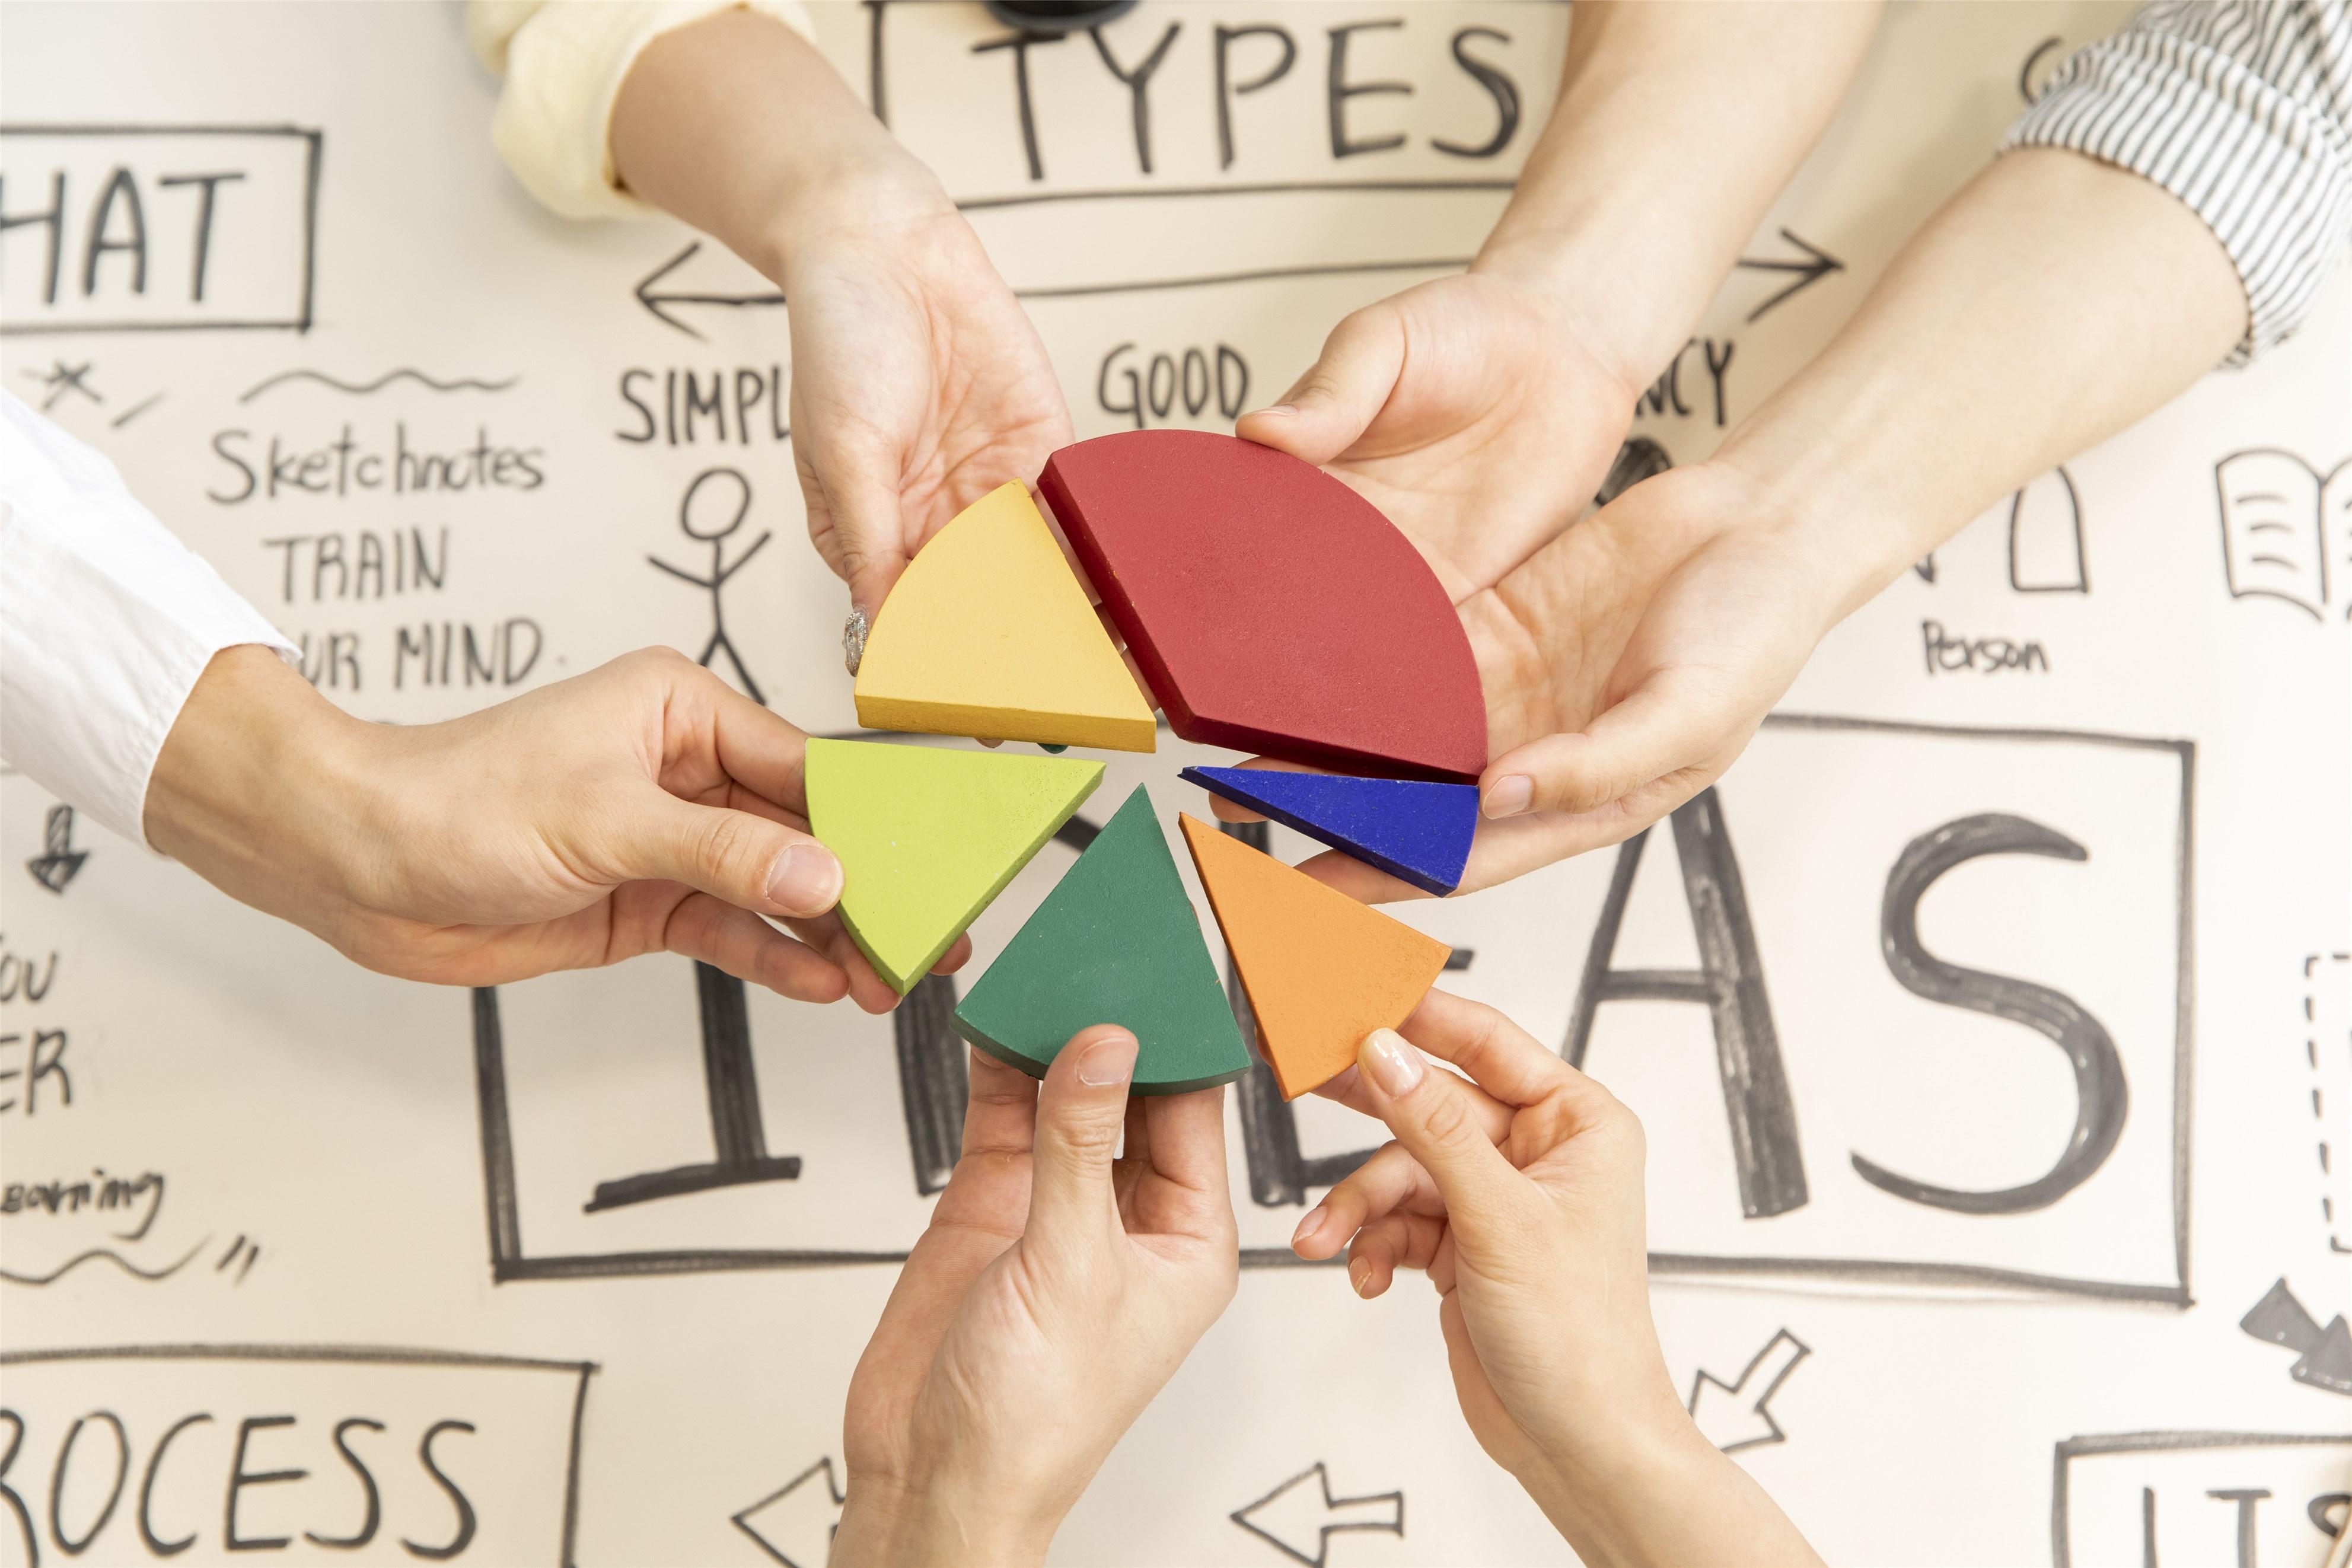 7大管理领域流行工具汇编,赢取竞争的100+N工具箱